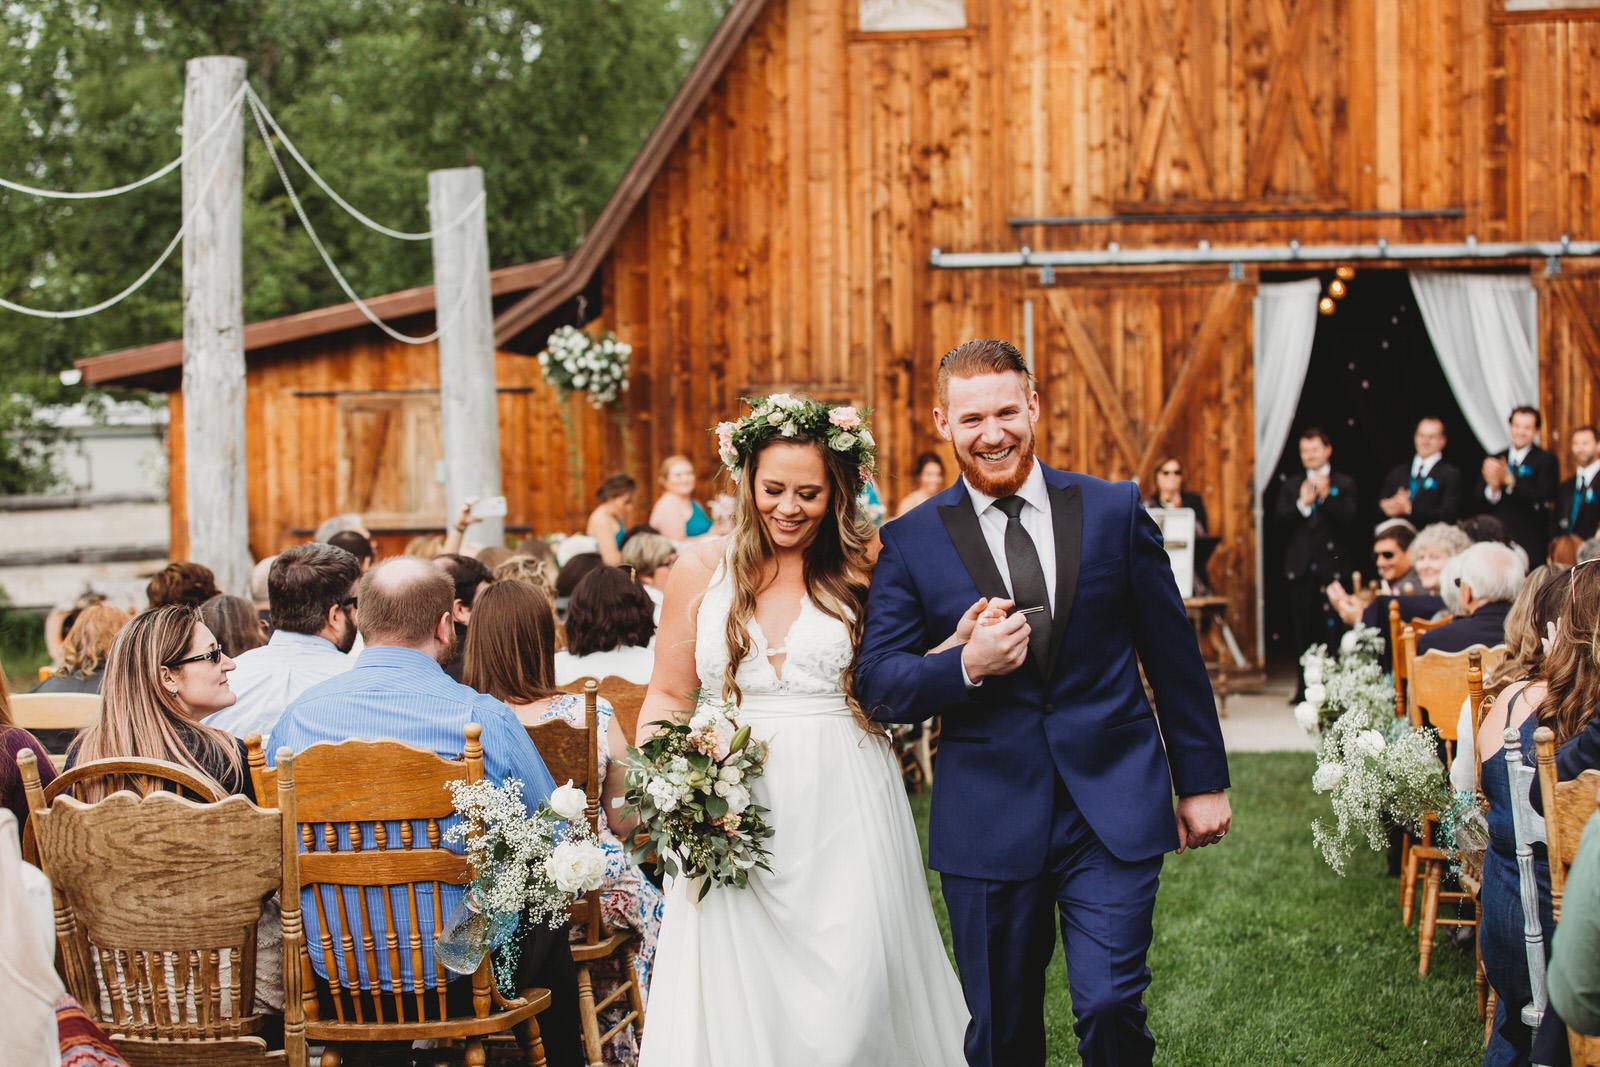 06-23-18 Wedding-194.jpg